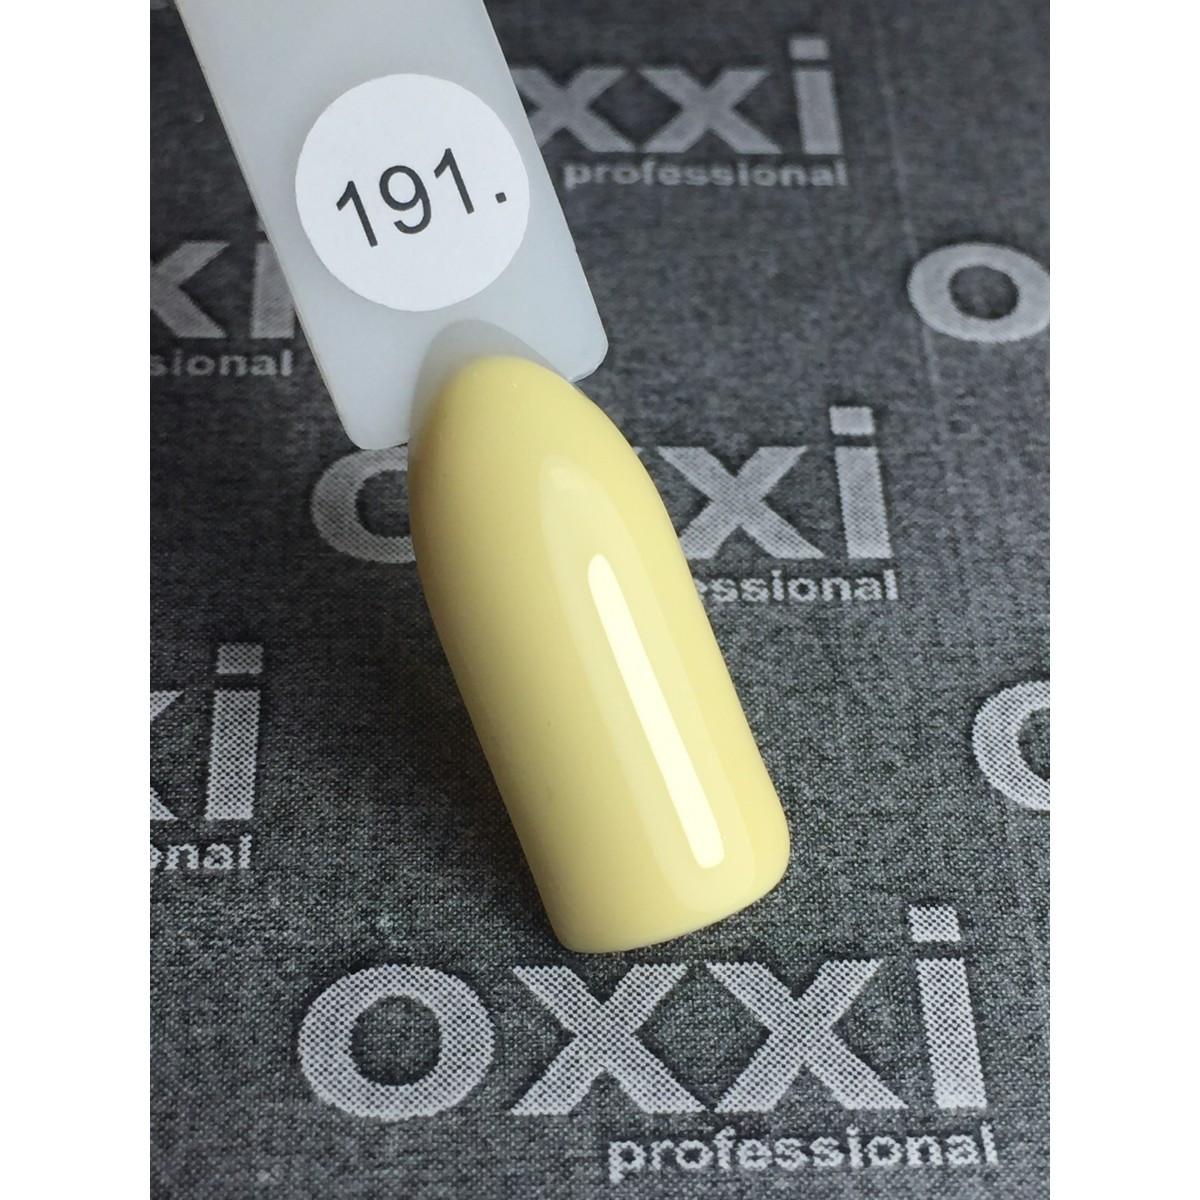 Гель-лак OXXI Professional №191 (бледный желтый, эмаль), 8 мл